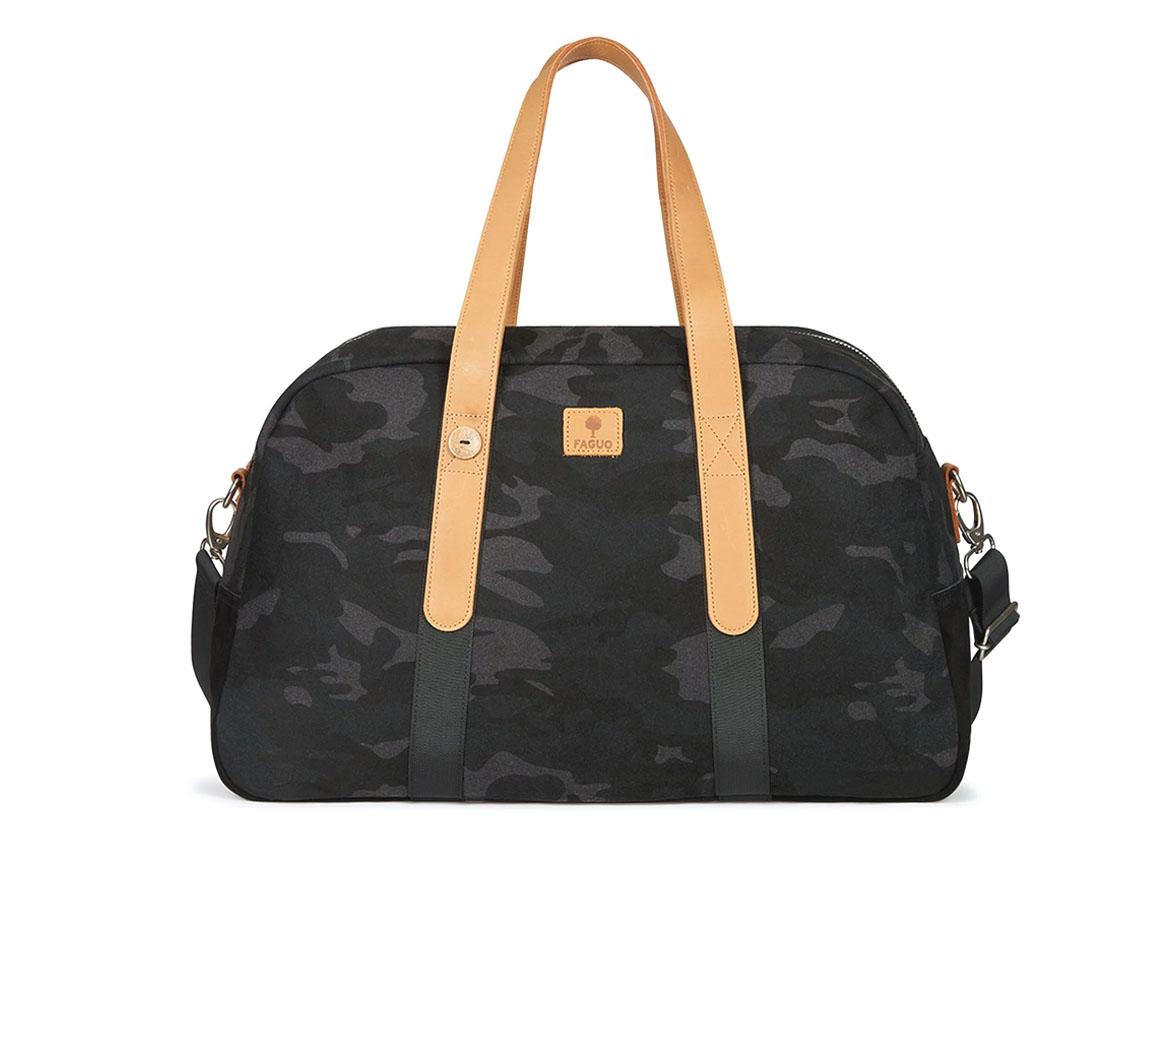 Sac de voyage Bag 48 Laine